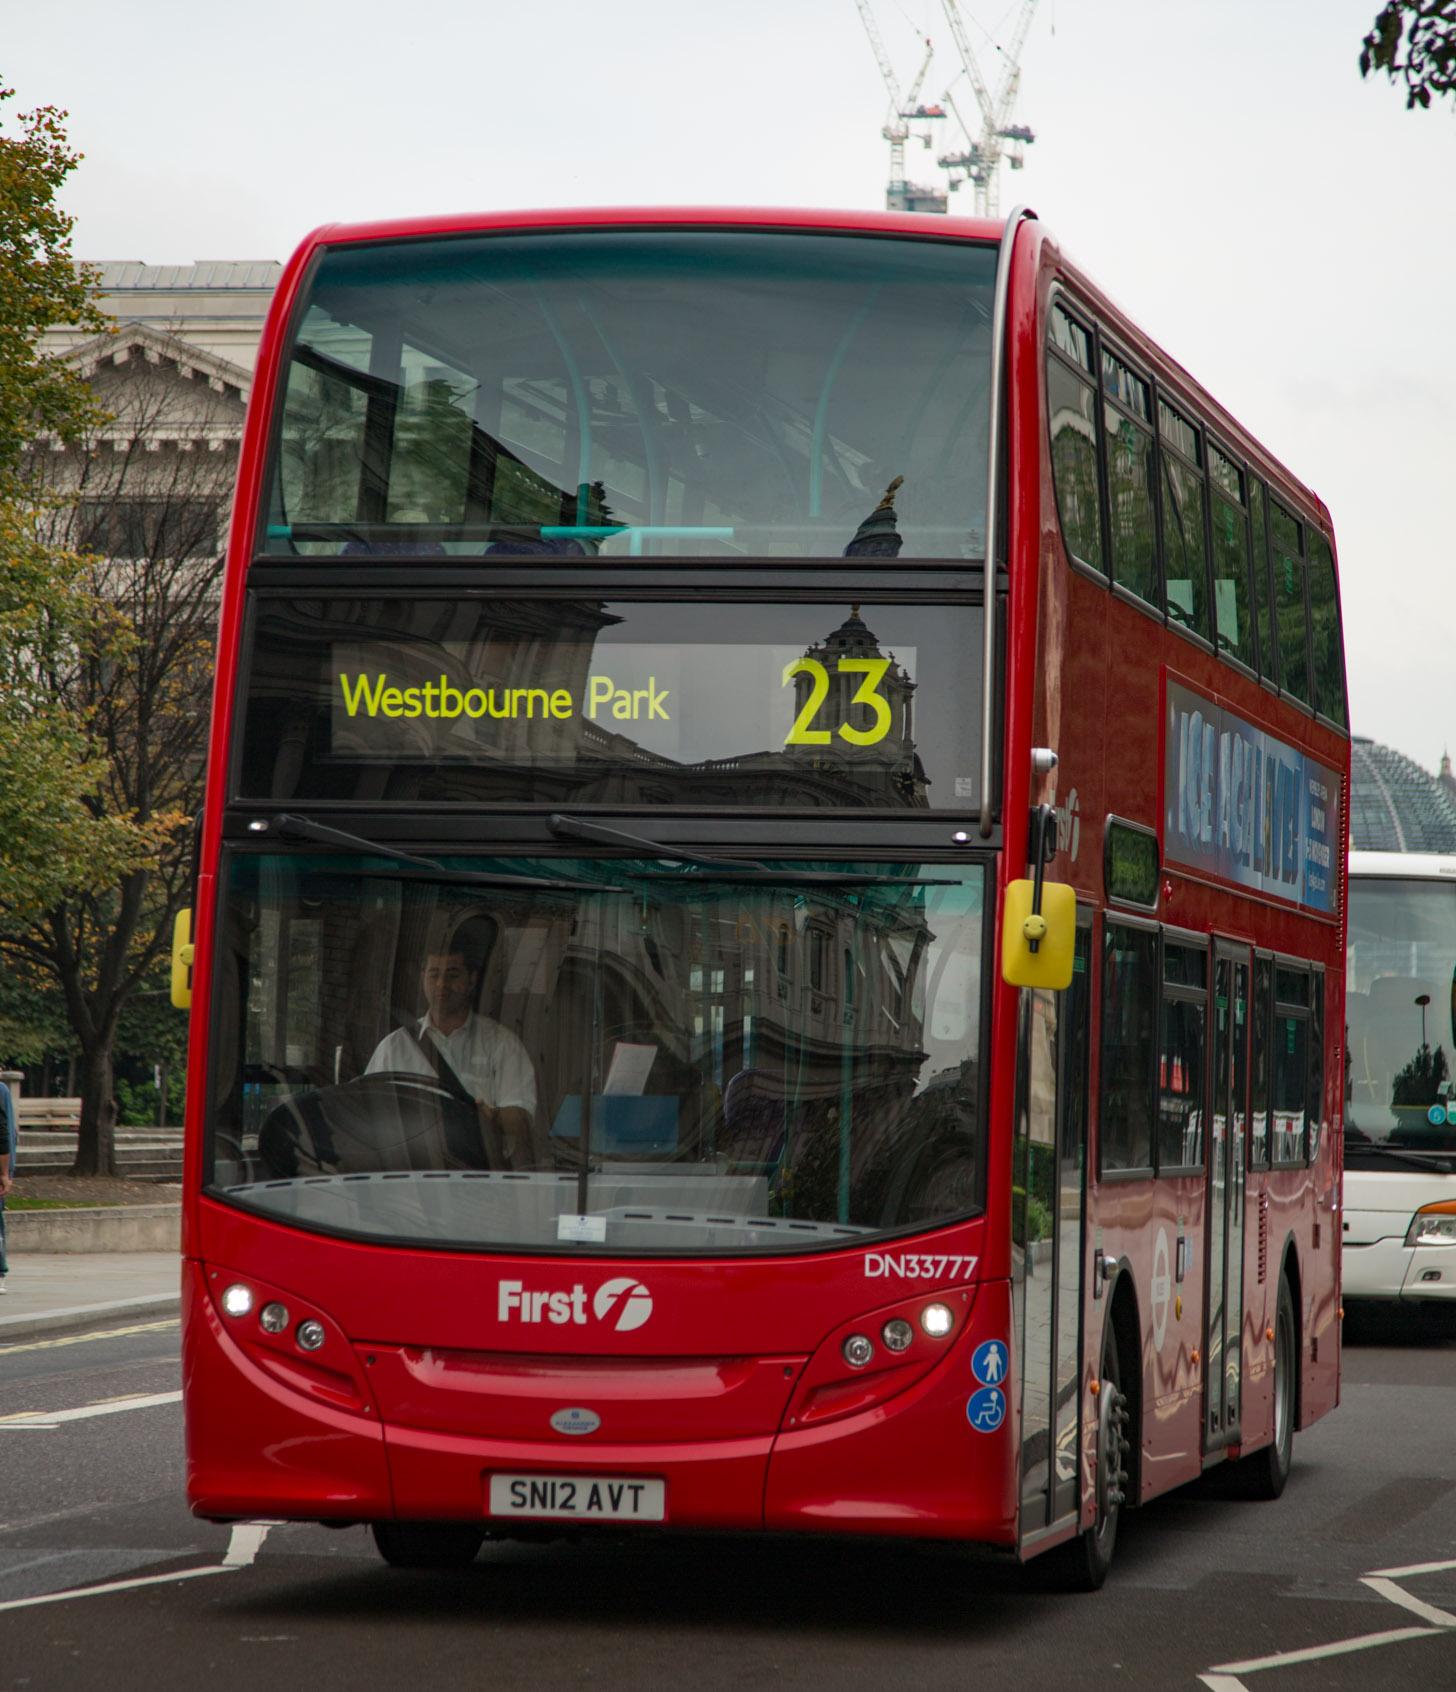 Een rode dubbeldekker bus in Londen